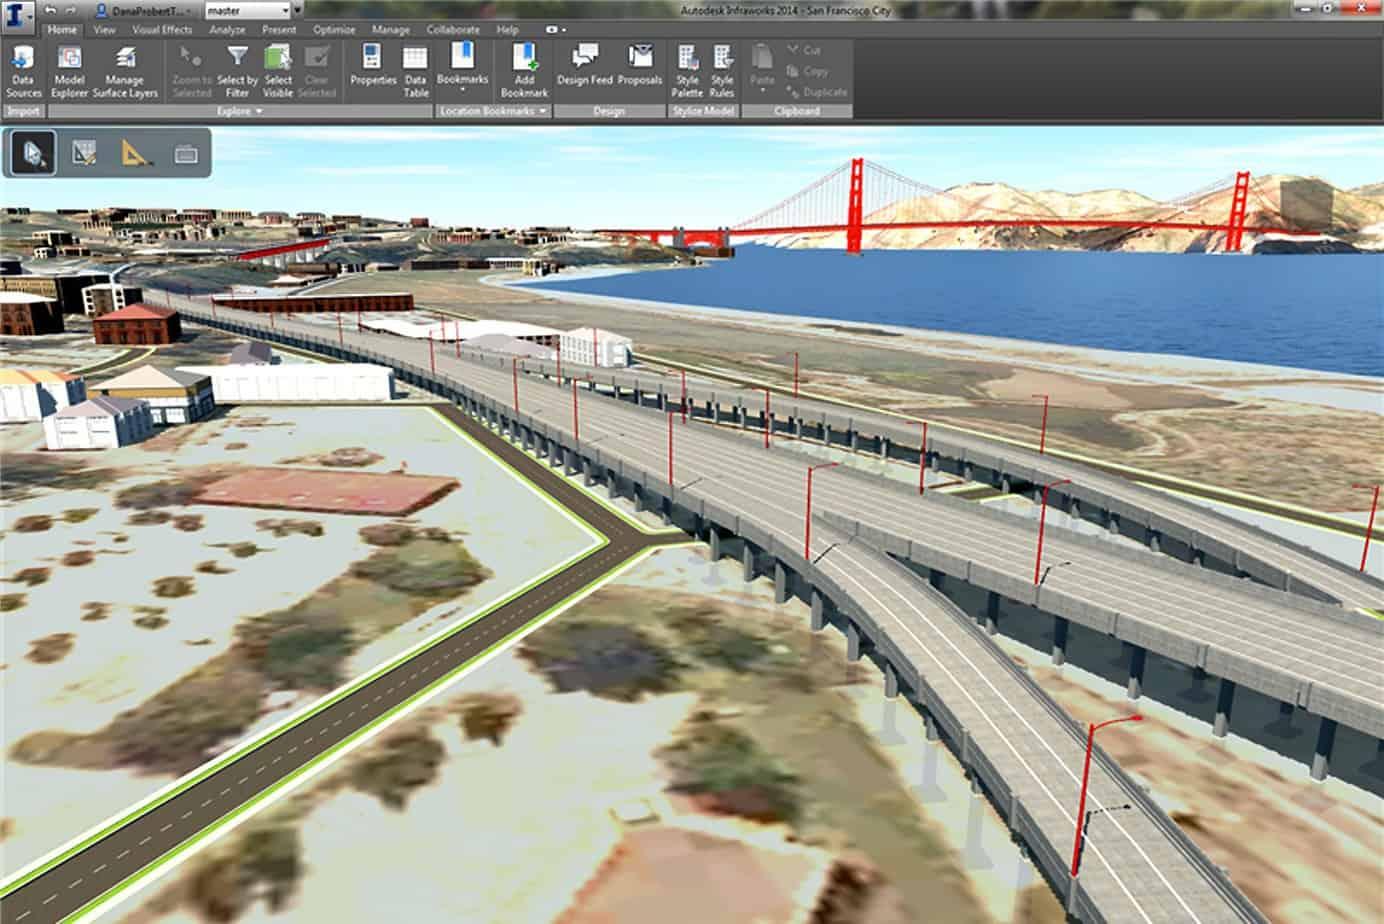 Autodesk InfraWorks 2014 favorisce una gestione efficiente di progetti infrastrutturali anche molto complessi